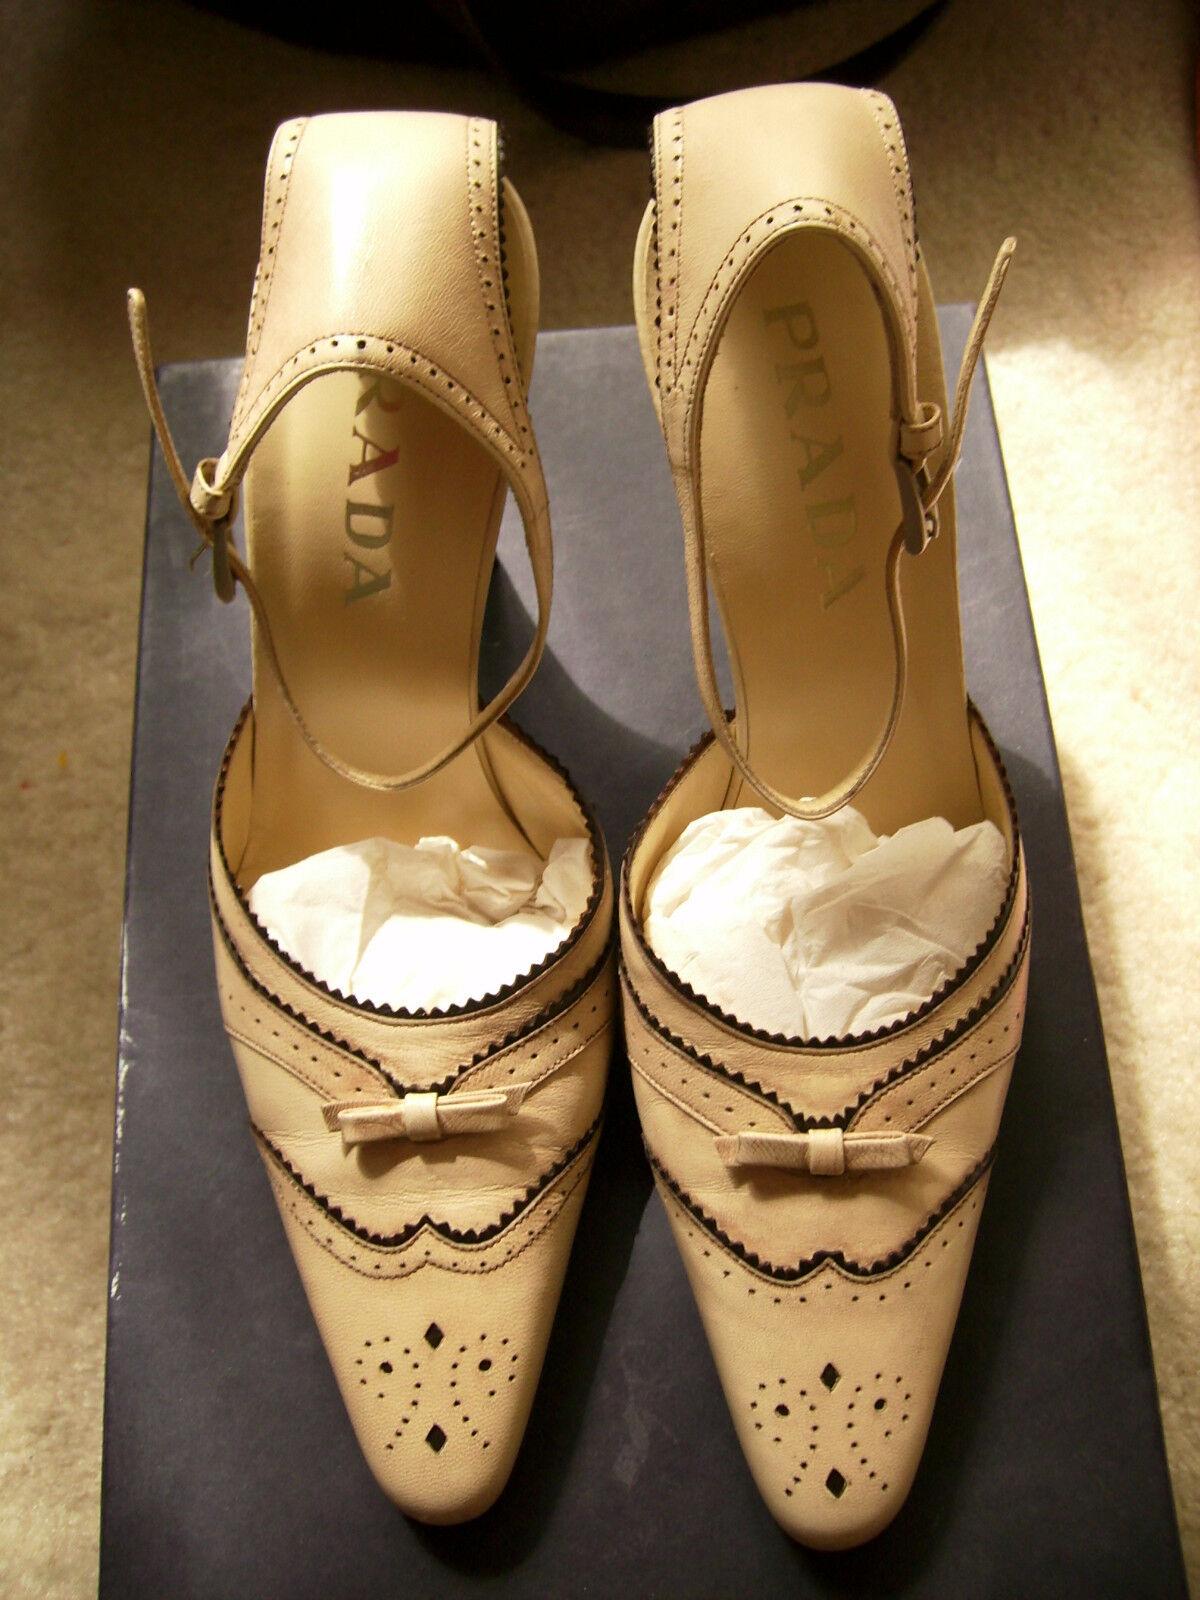 PRADA ANKLE STRAP scarpe NUDE    ECRU  NIB Dimensione 38  lo stile classico